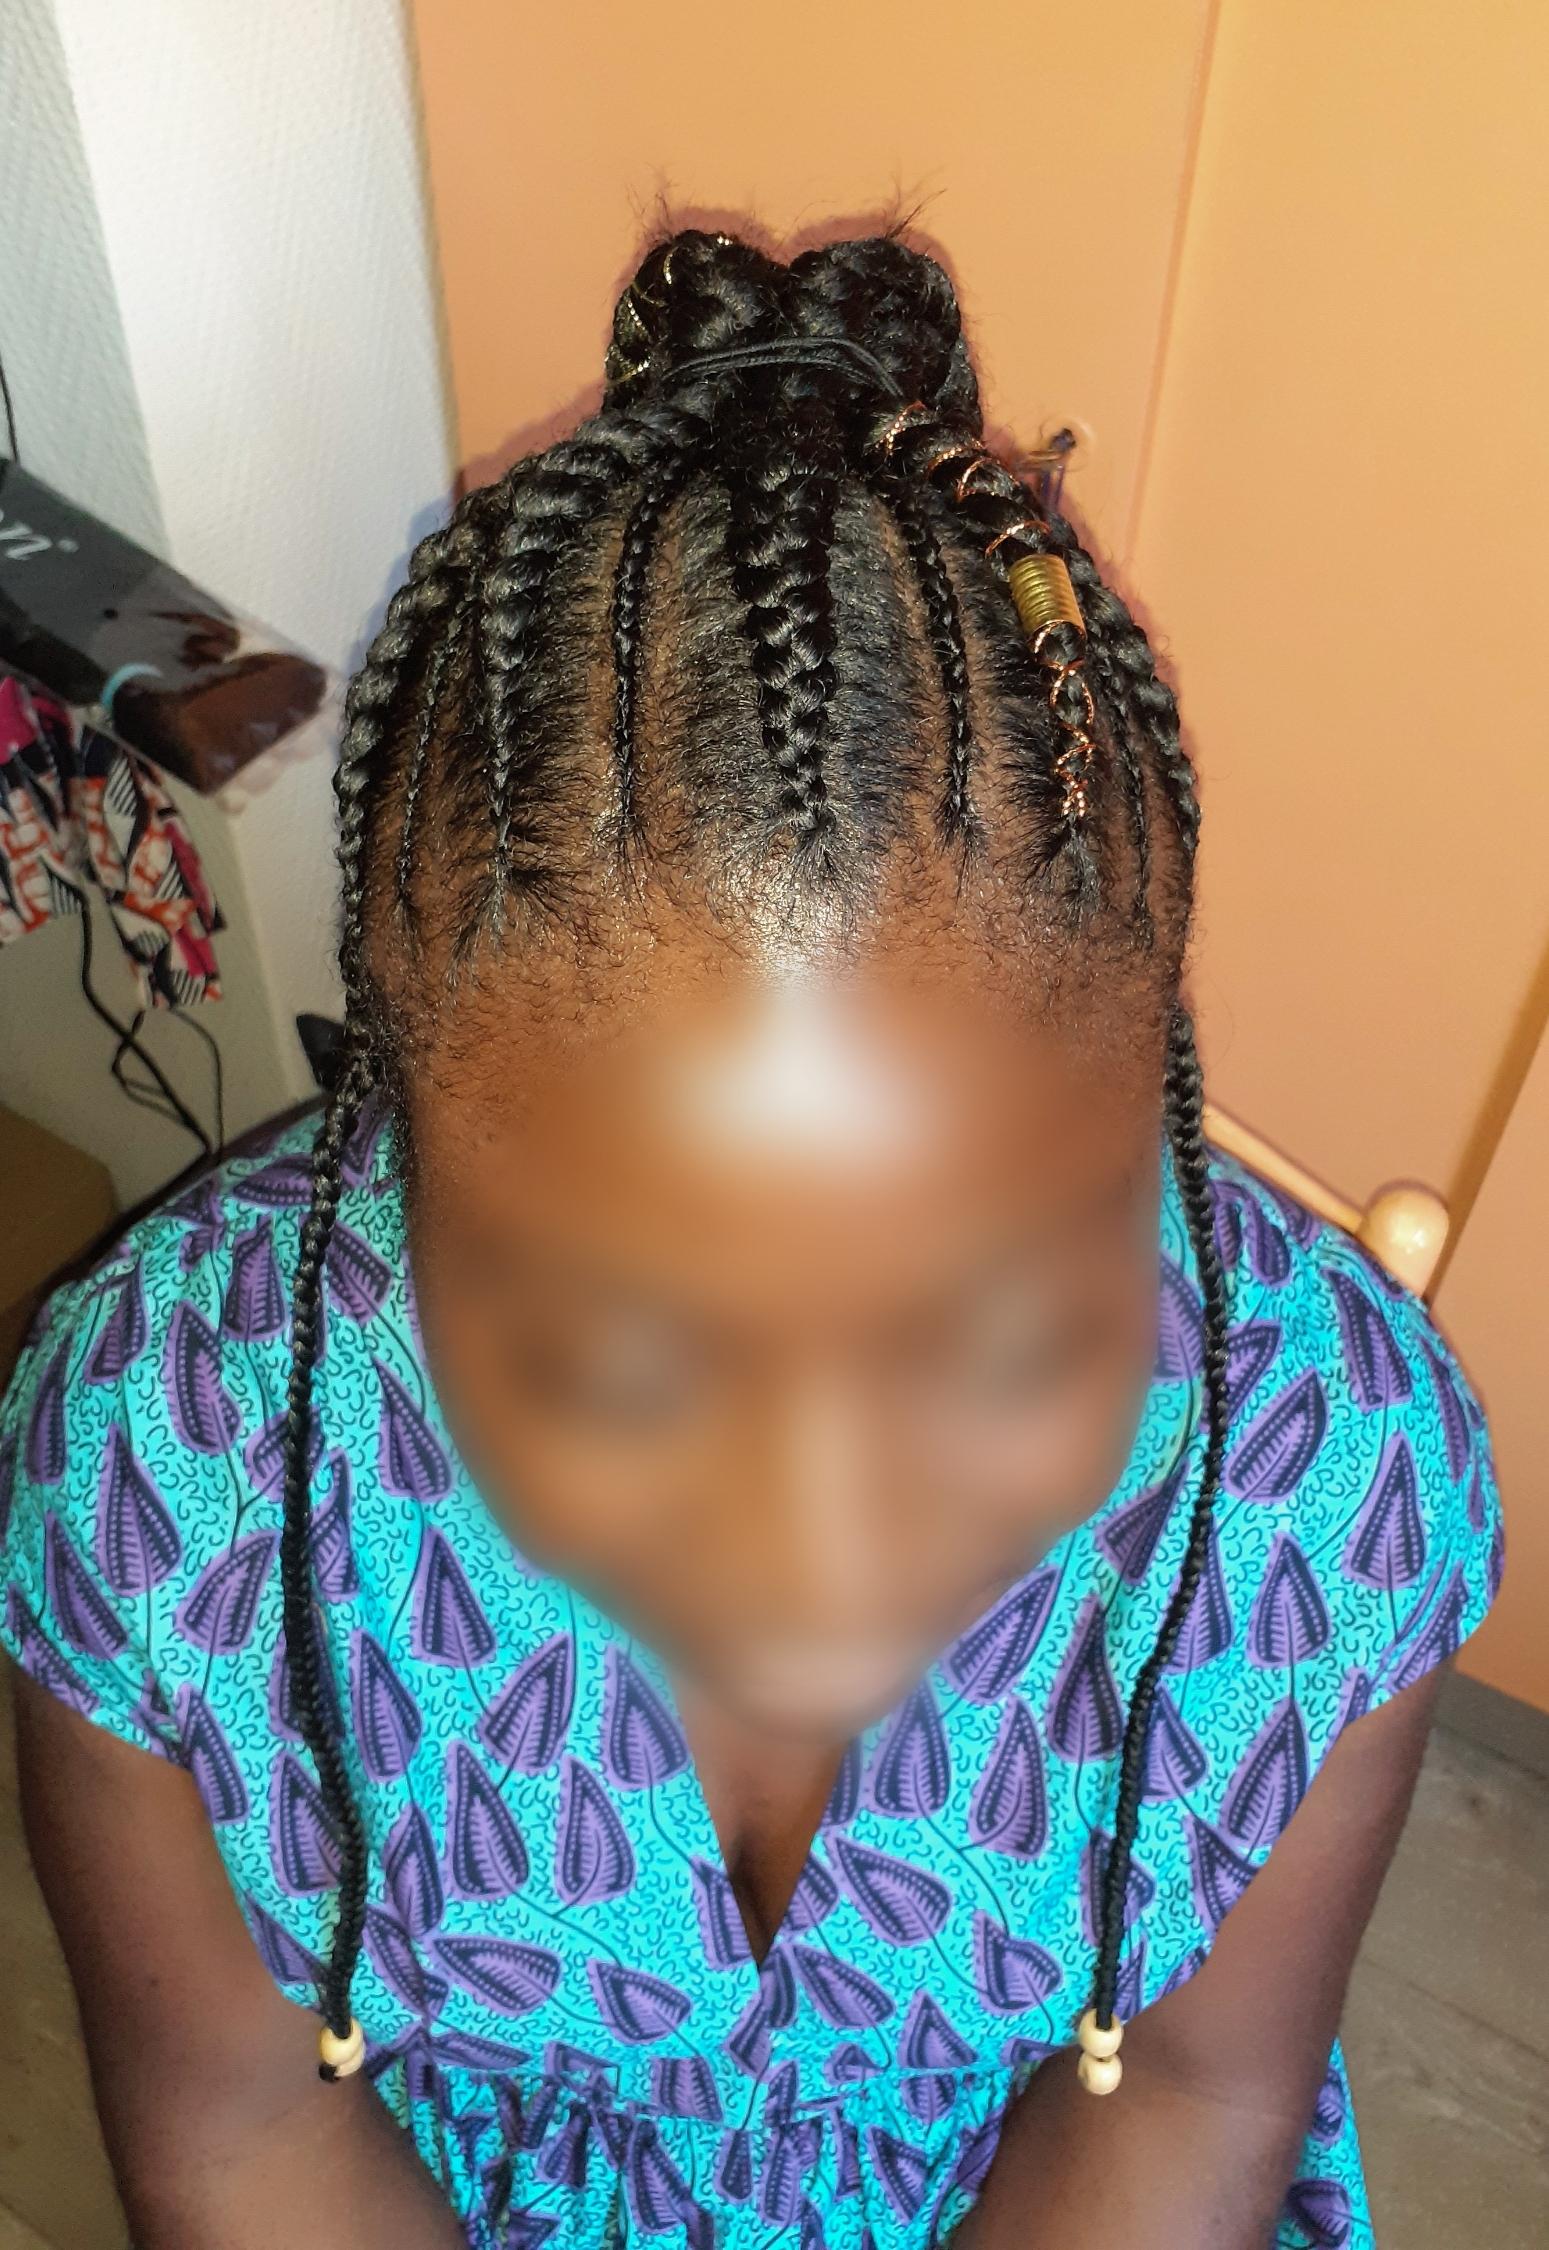 salon de coiffure afro tresse tresses box braids crochet braids vanilles tissages paris 75 77 78 91 92 93 94 95 BXHDWLUR